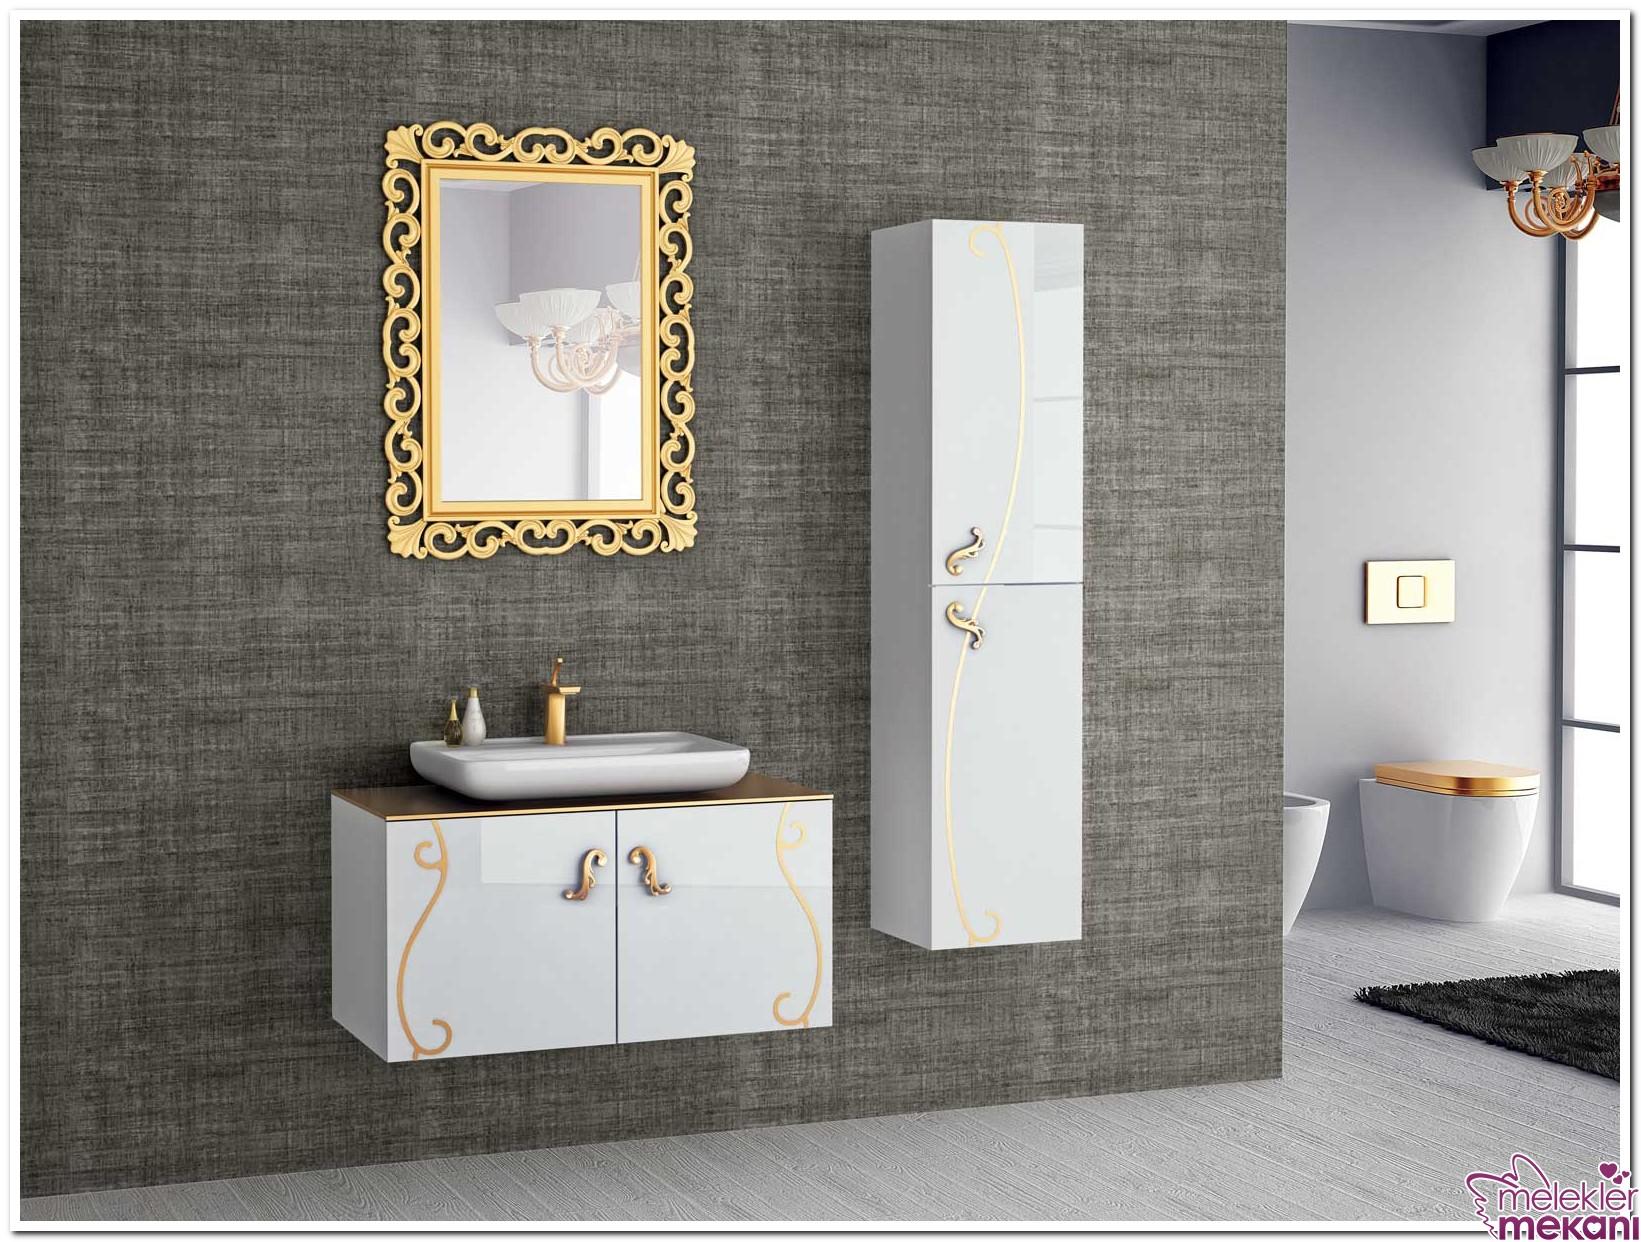 13-jpg.81406 Avangard lüks banyo dolaplarında son trendler Melekler Mekanı Forum